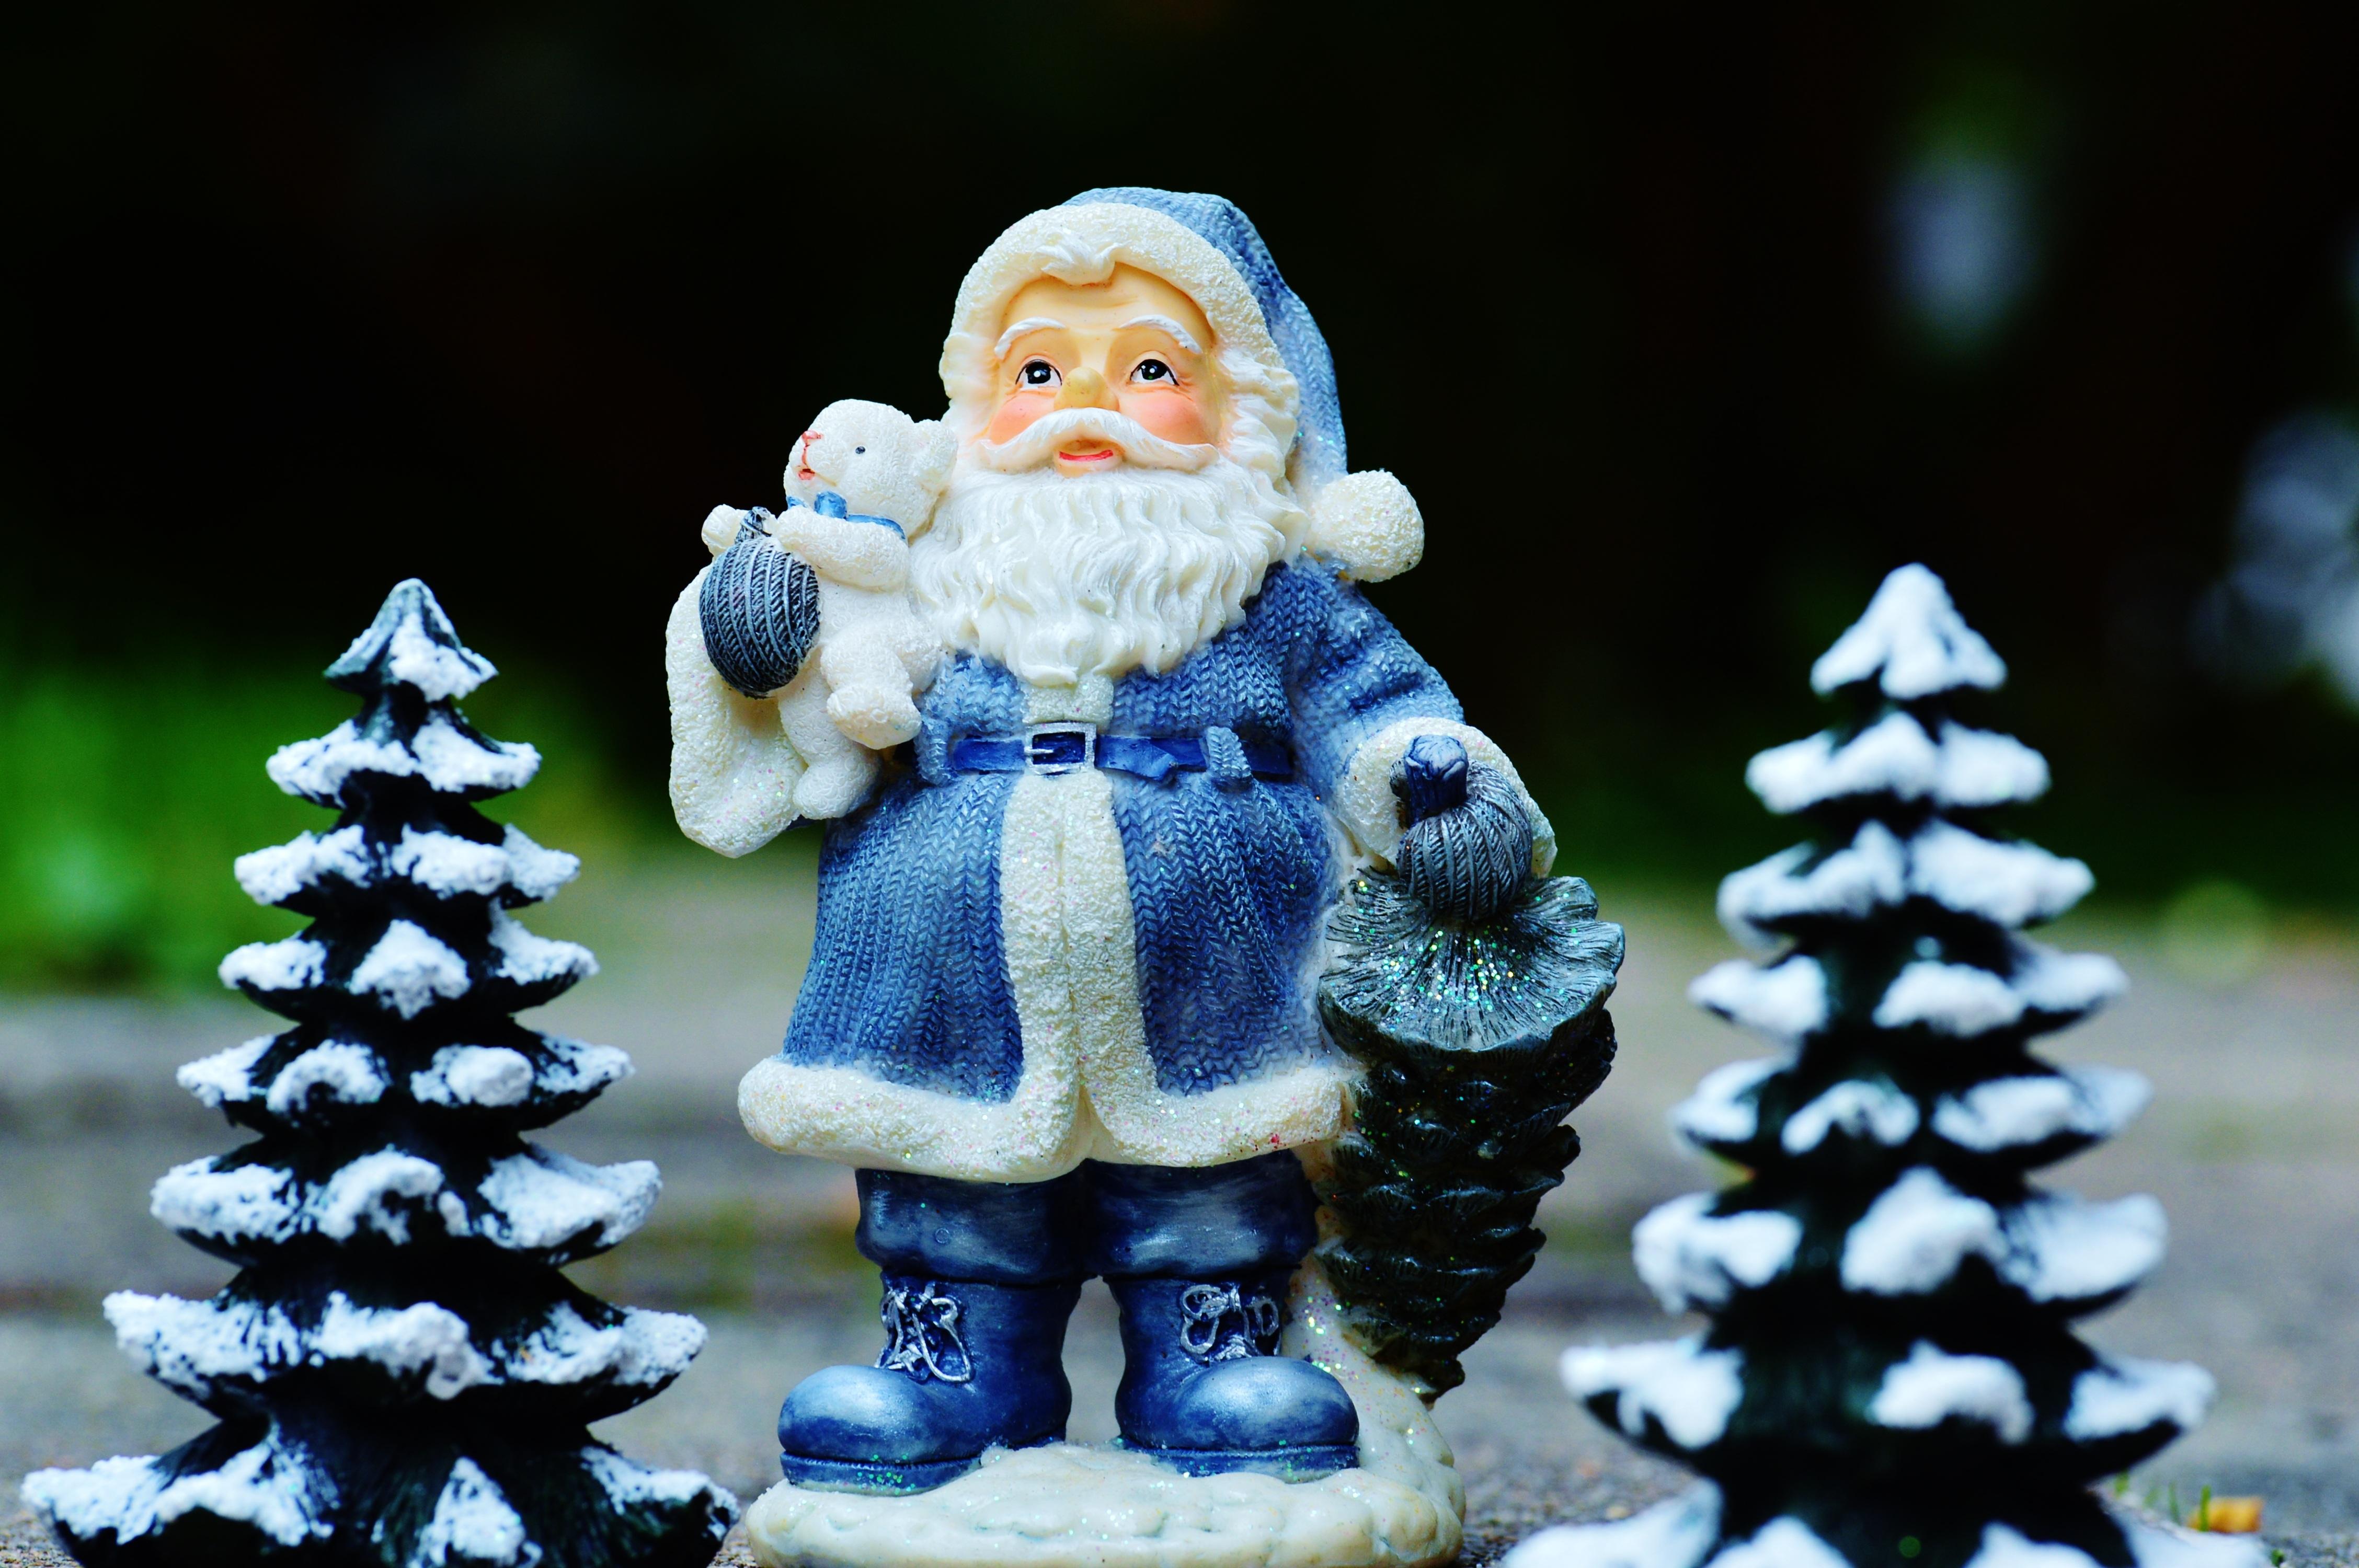 64721 скачать обои Праздники, Дед Мороз, Санта Клаус, Новый Год, Елки - заставки и картинки бесплатно